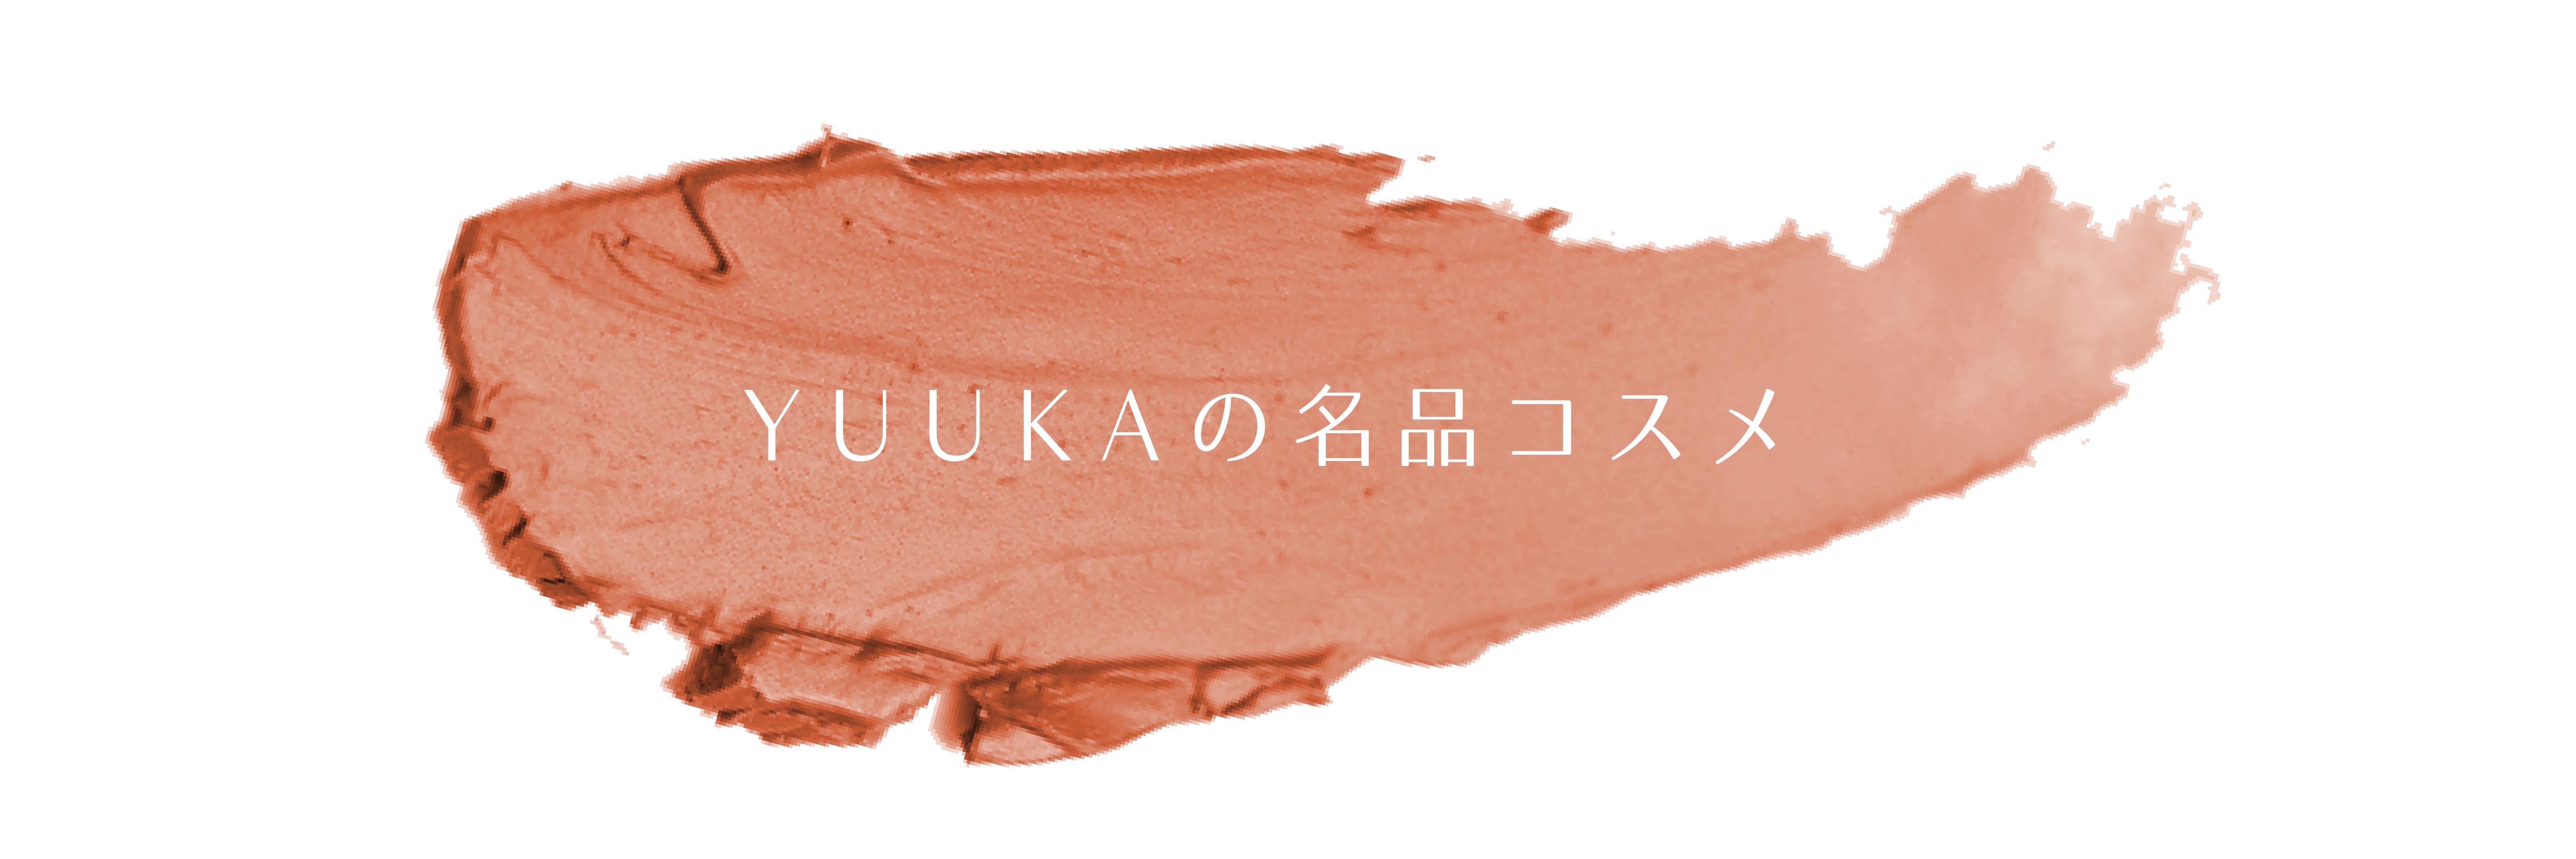 yuukaの名品コスメ